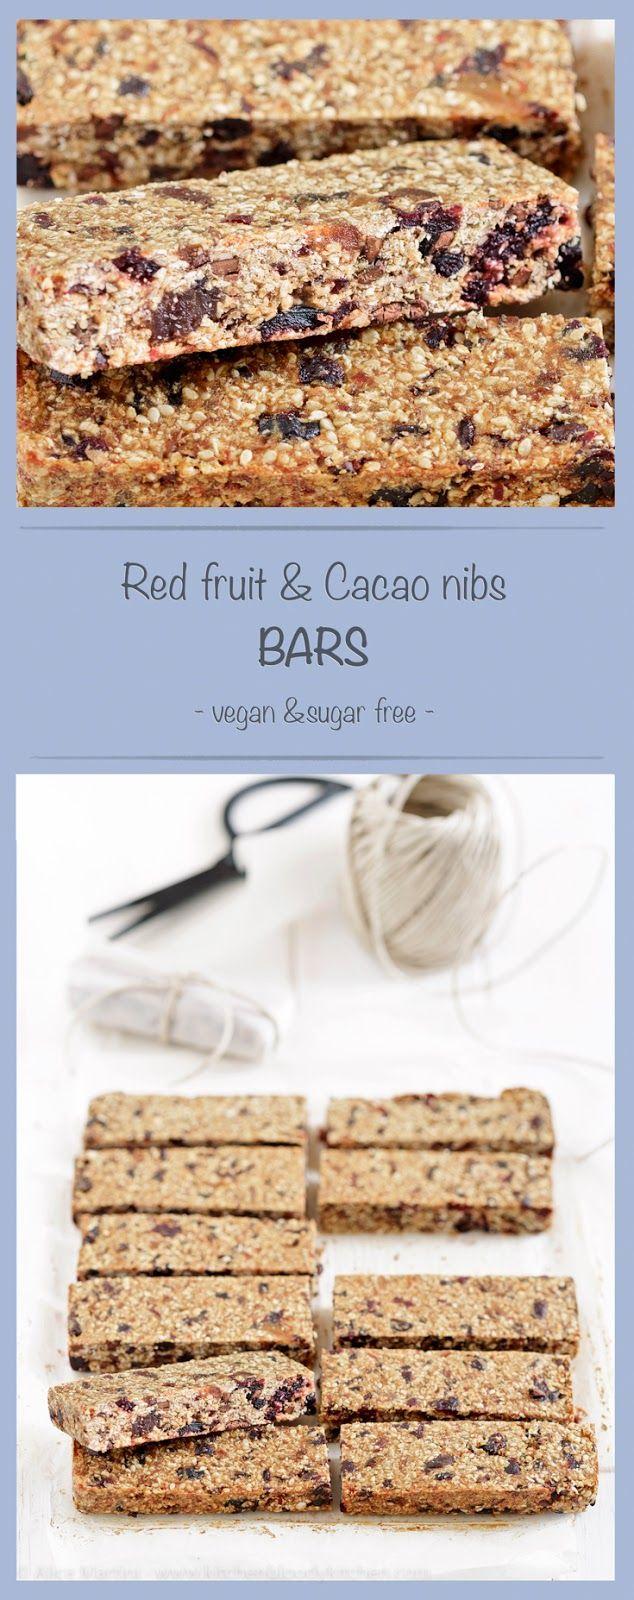 Dates, red fruit & cacao nibs bars | #vegan #sugarfree | Come riciclare i datteri: barrette con frutti rossi e fave di cacao | Vegan e senza zucchero